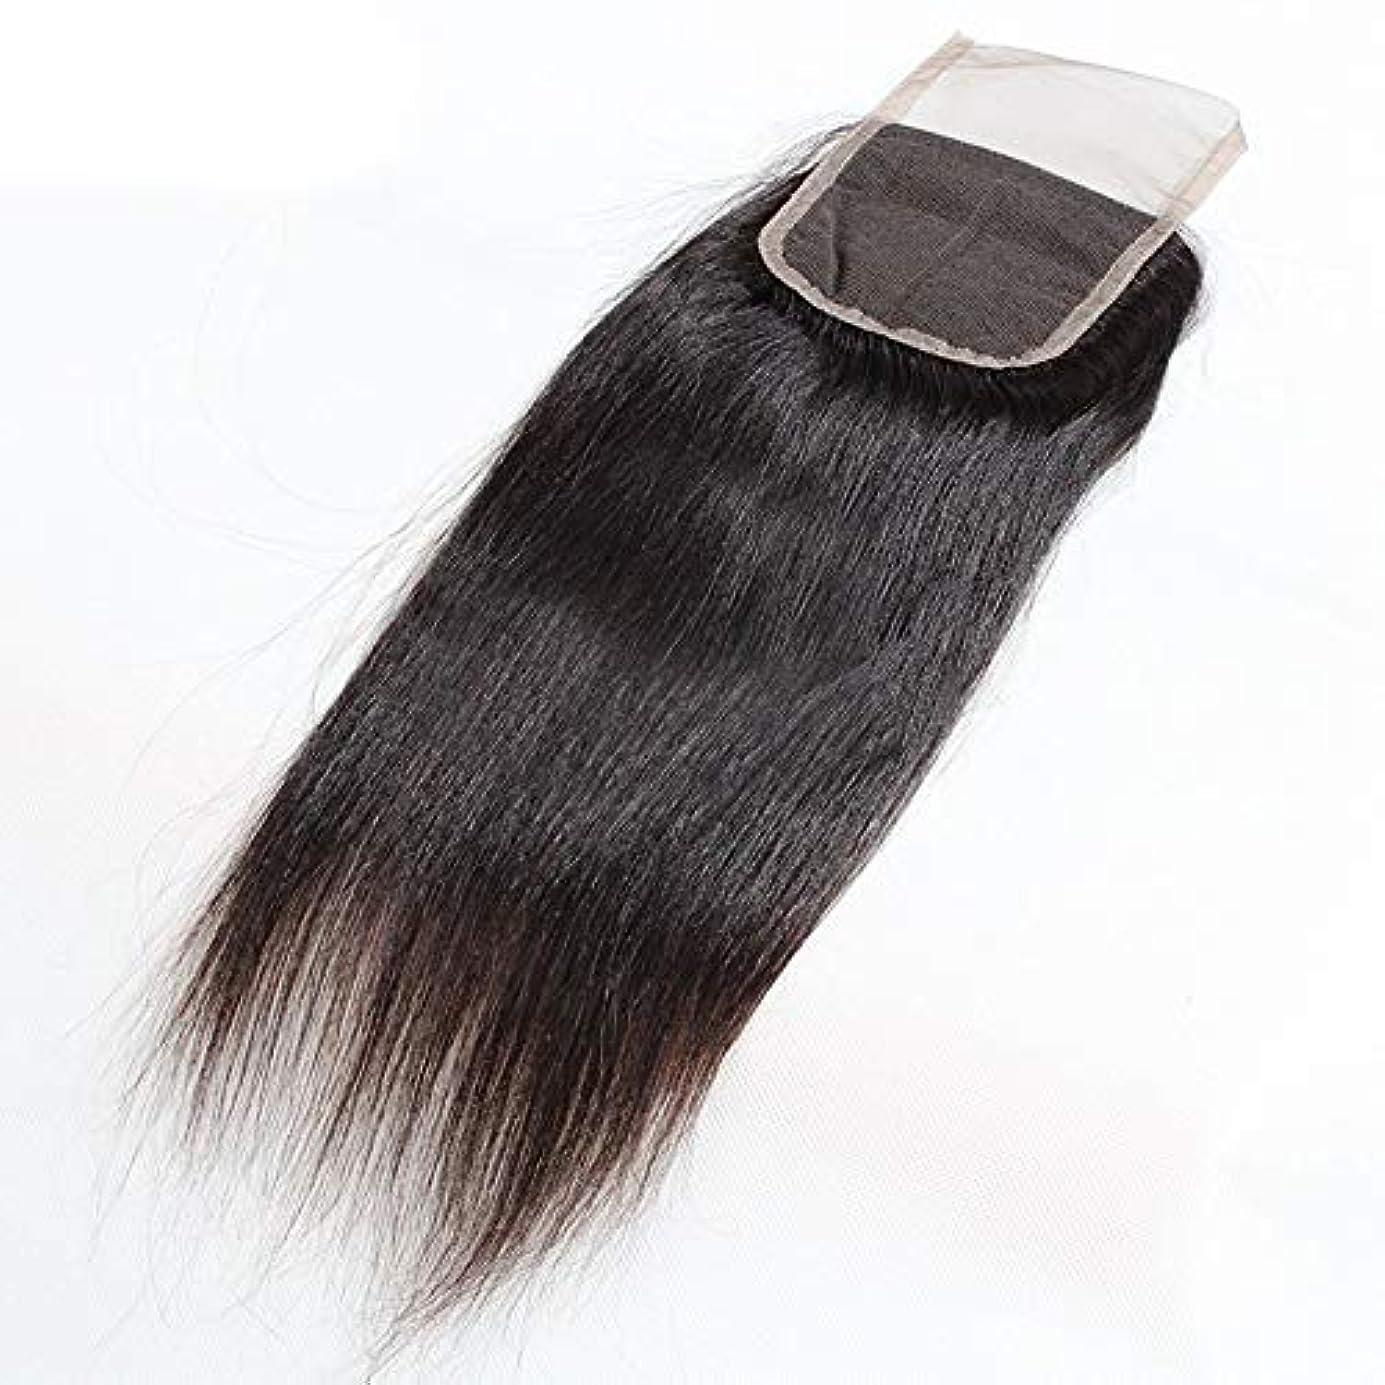 方言国賠償WASAIO 閉鎖ボディブラジルでヒト織りストレート髪近視眼正面未精製ヴァージン (色 : 黒, サイズ : 18 inch)